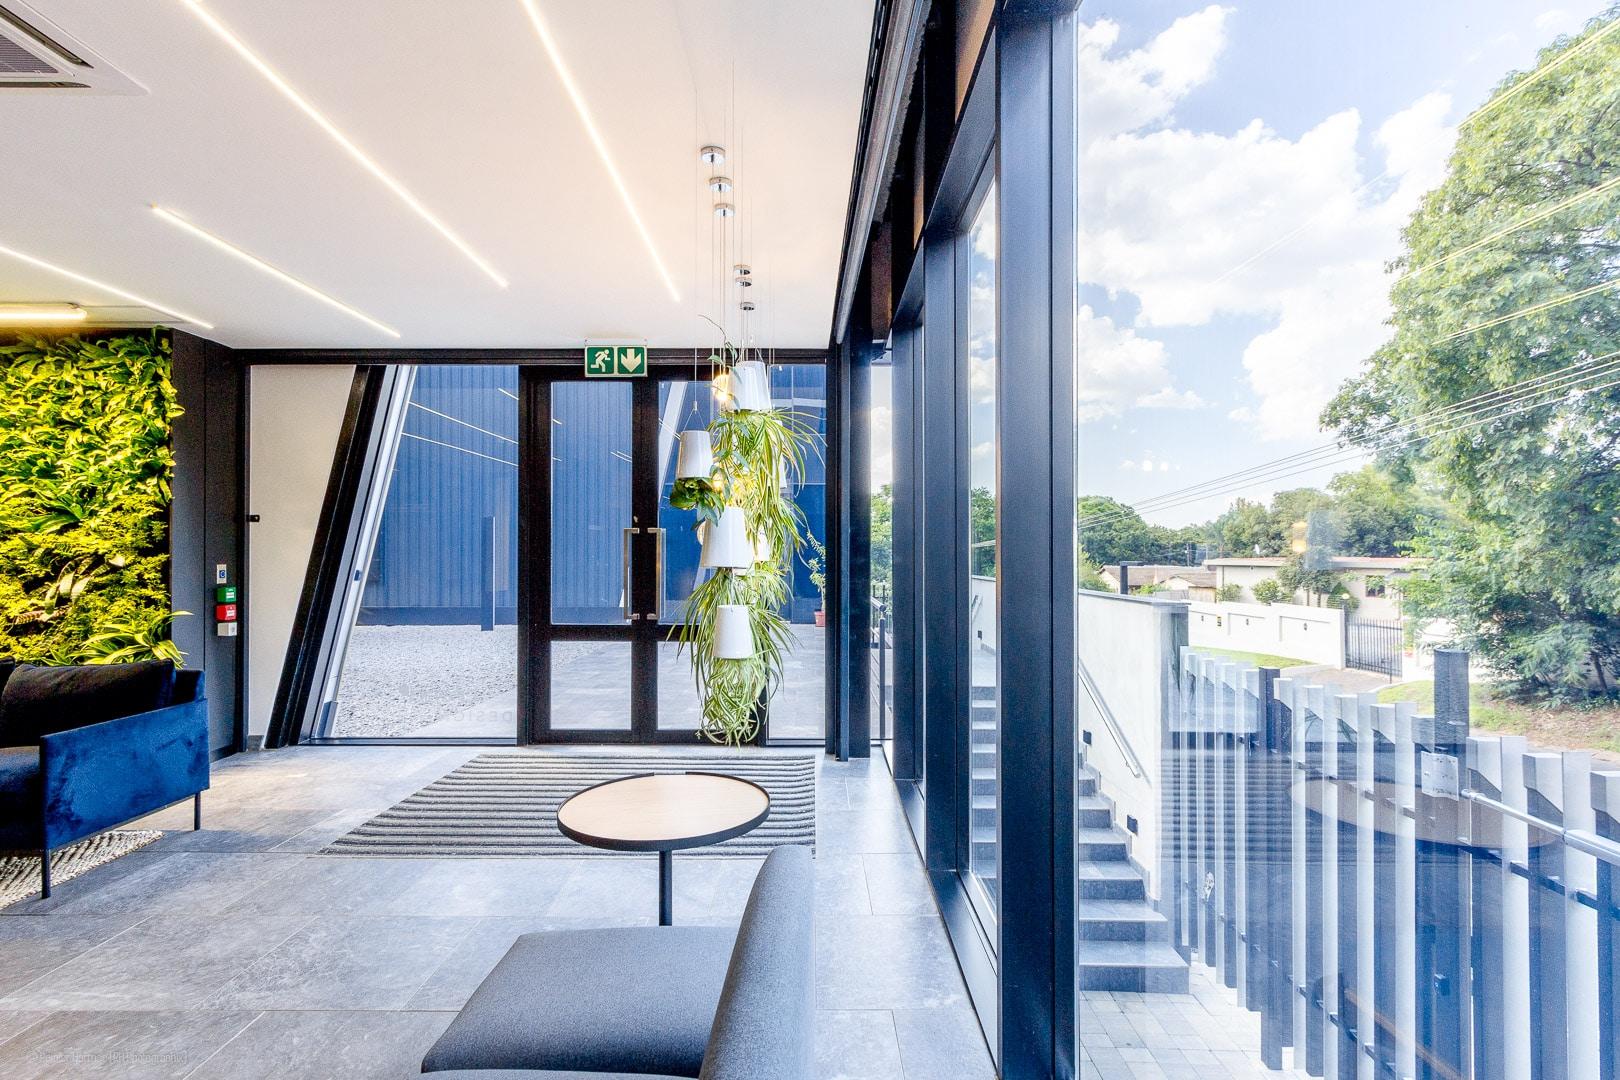 RHPX_Portfolio_Holt Street Parkmore Interior-6